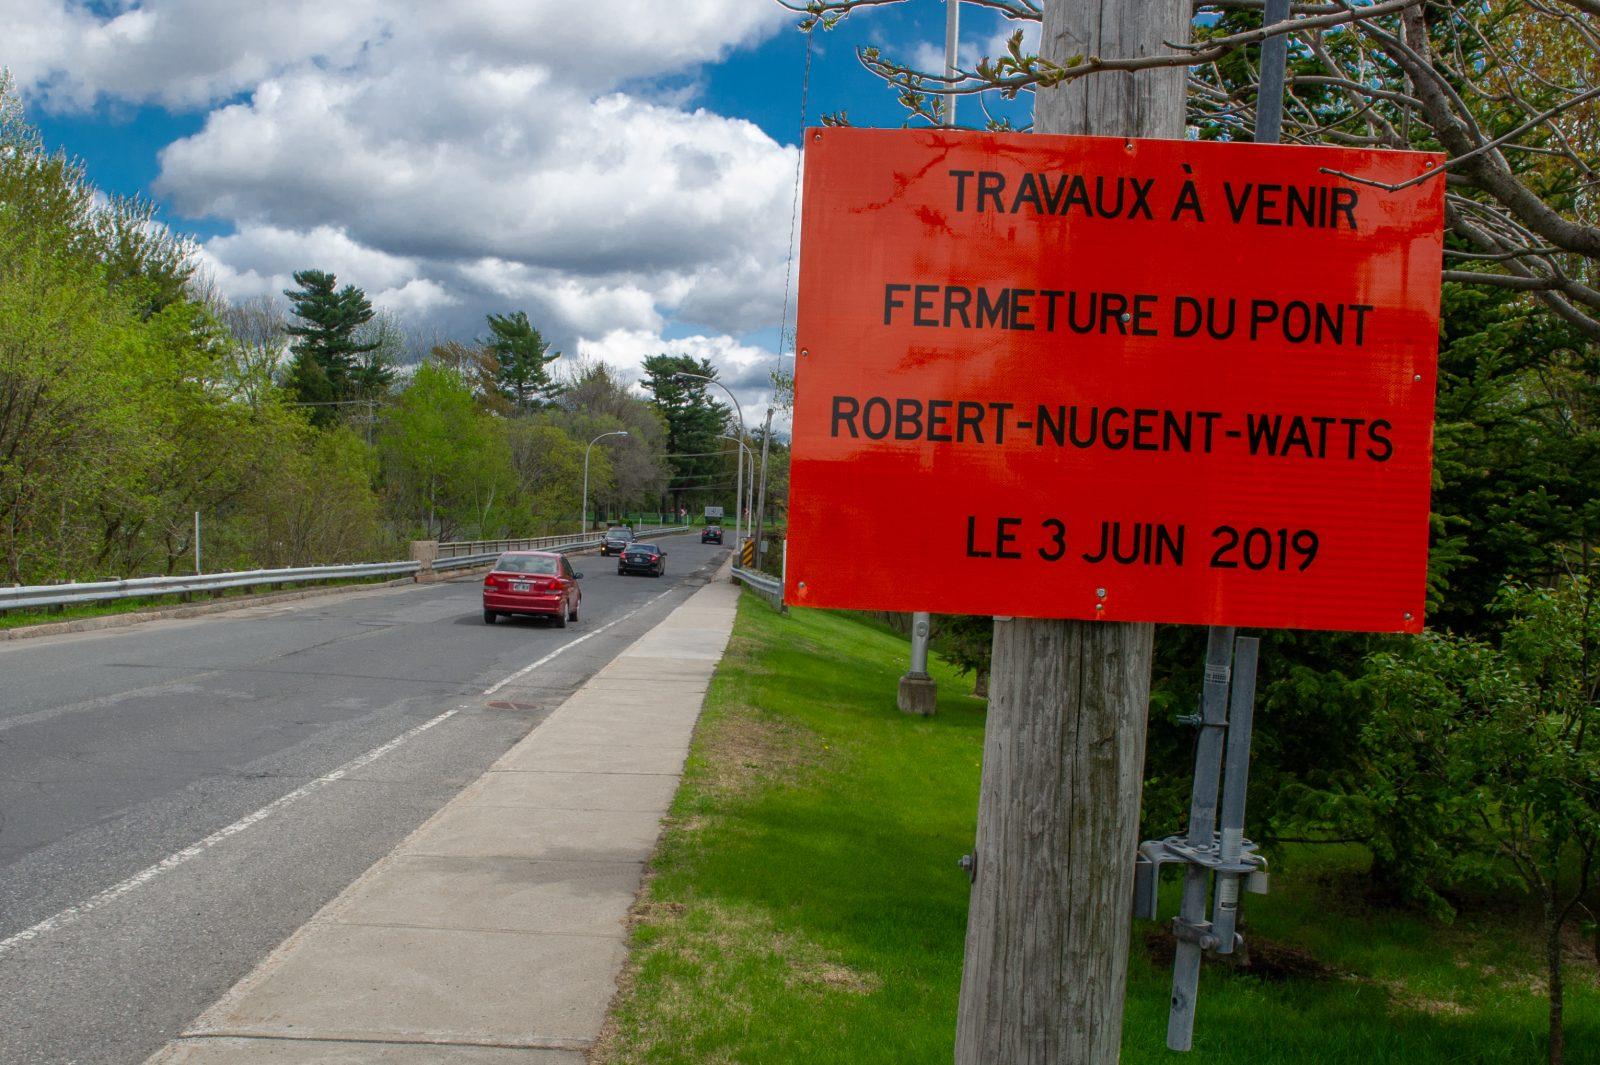 Le pont Robert-Nugent-Watts sera détruit et reconstruit